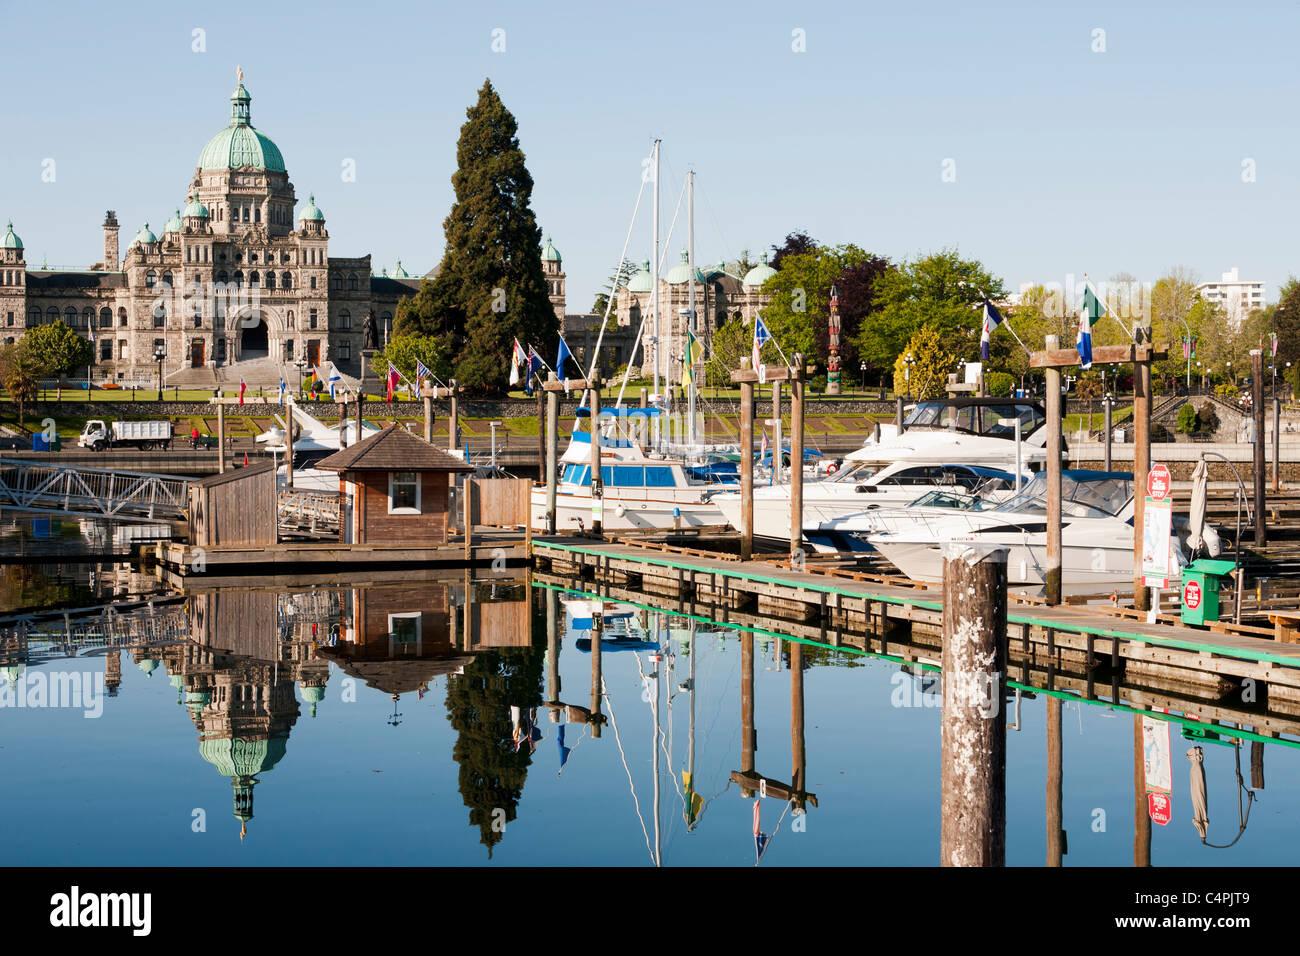 Inner Harbor y el edificio del parlamento de victoria, la isla de Vancouver, British Columbia, Canadá. Imagen De Stock